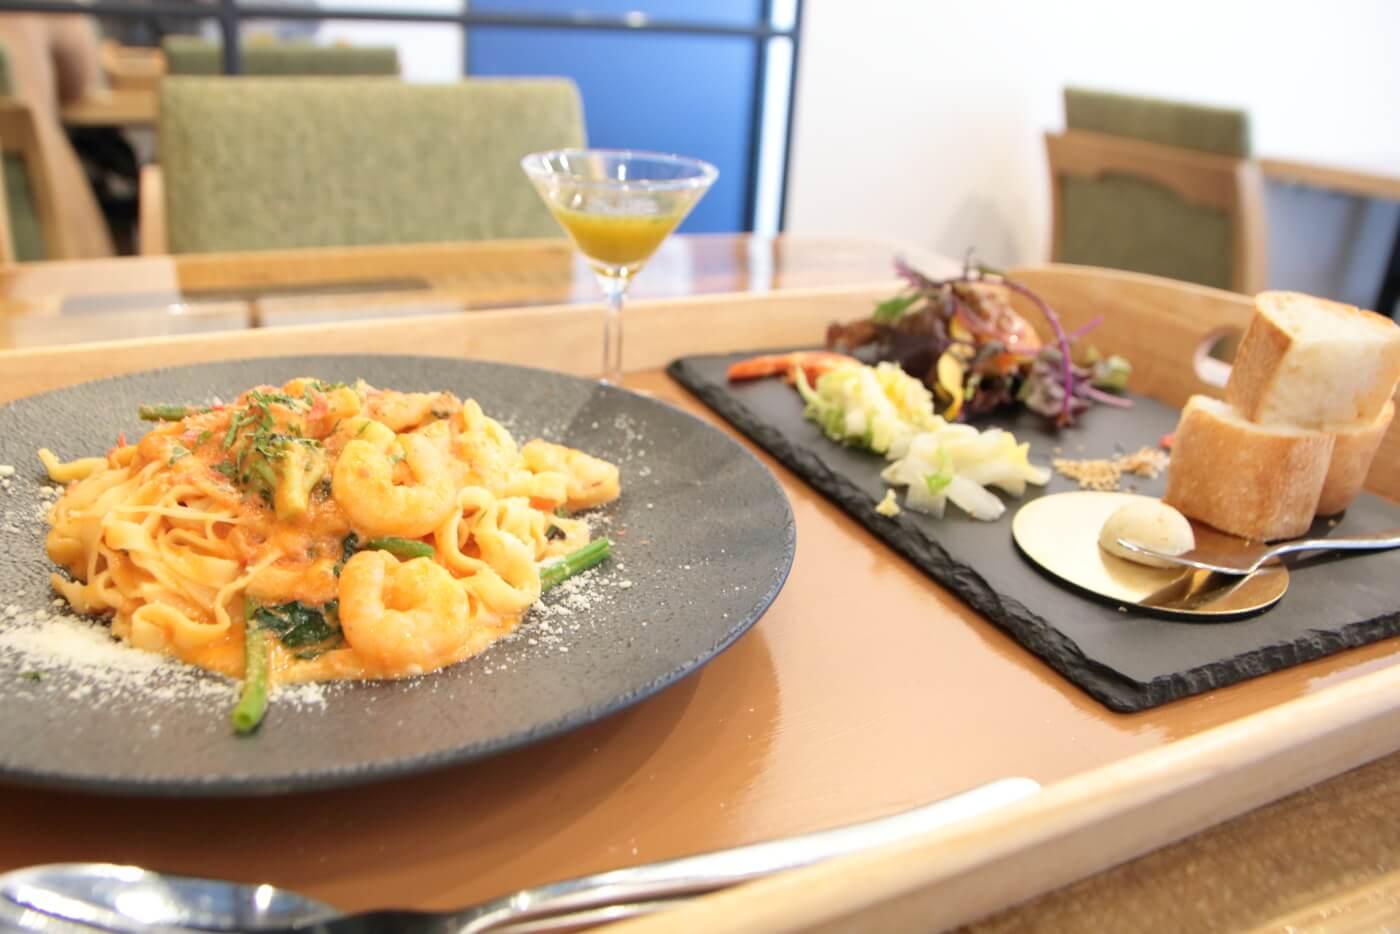 PIzzeriaORTO オルト ランチ 2種海老のトマトクリームパスタ